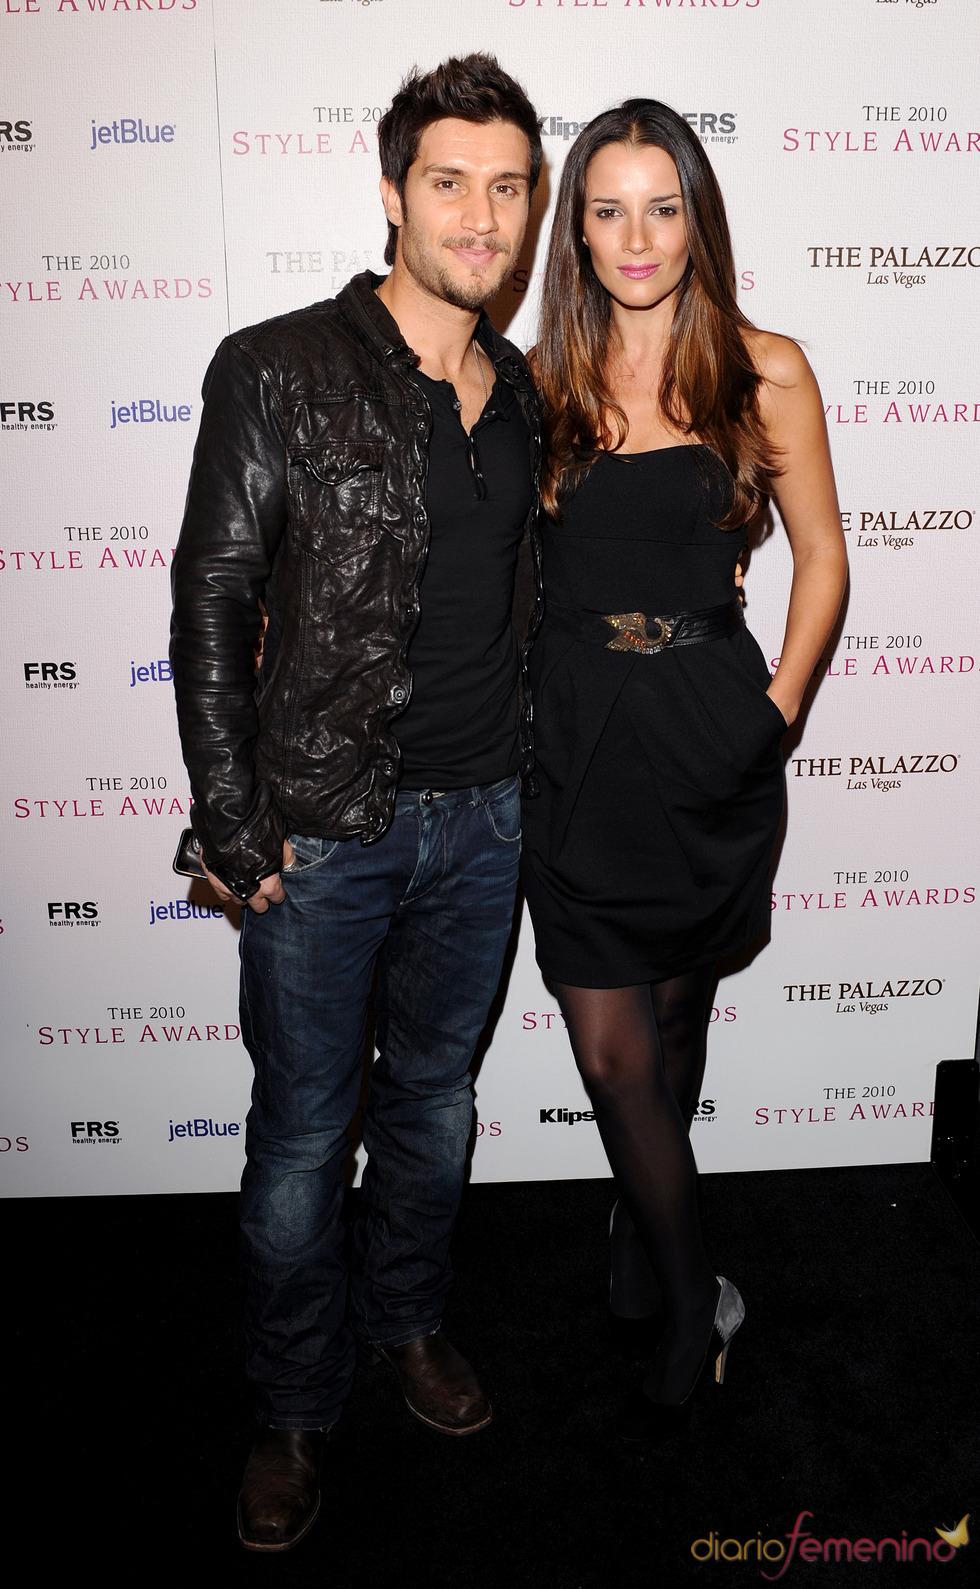 Michael Lombardi en los Premios Hollywood Style 2010